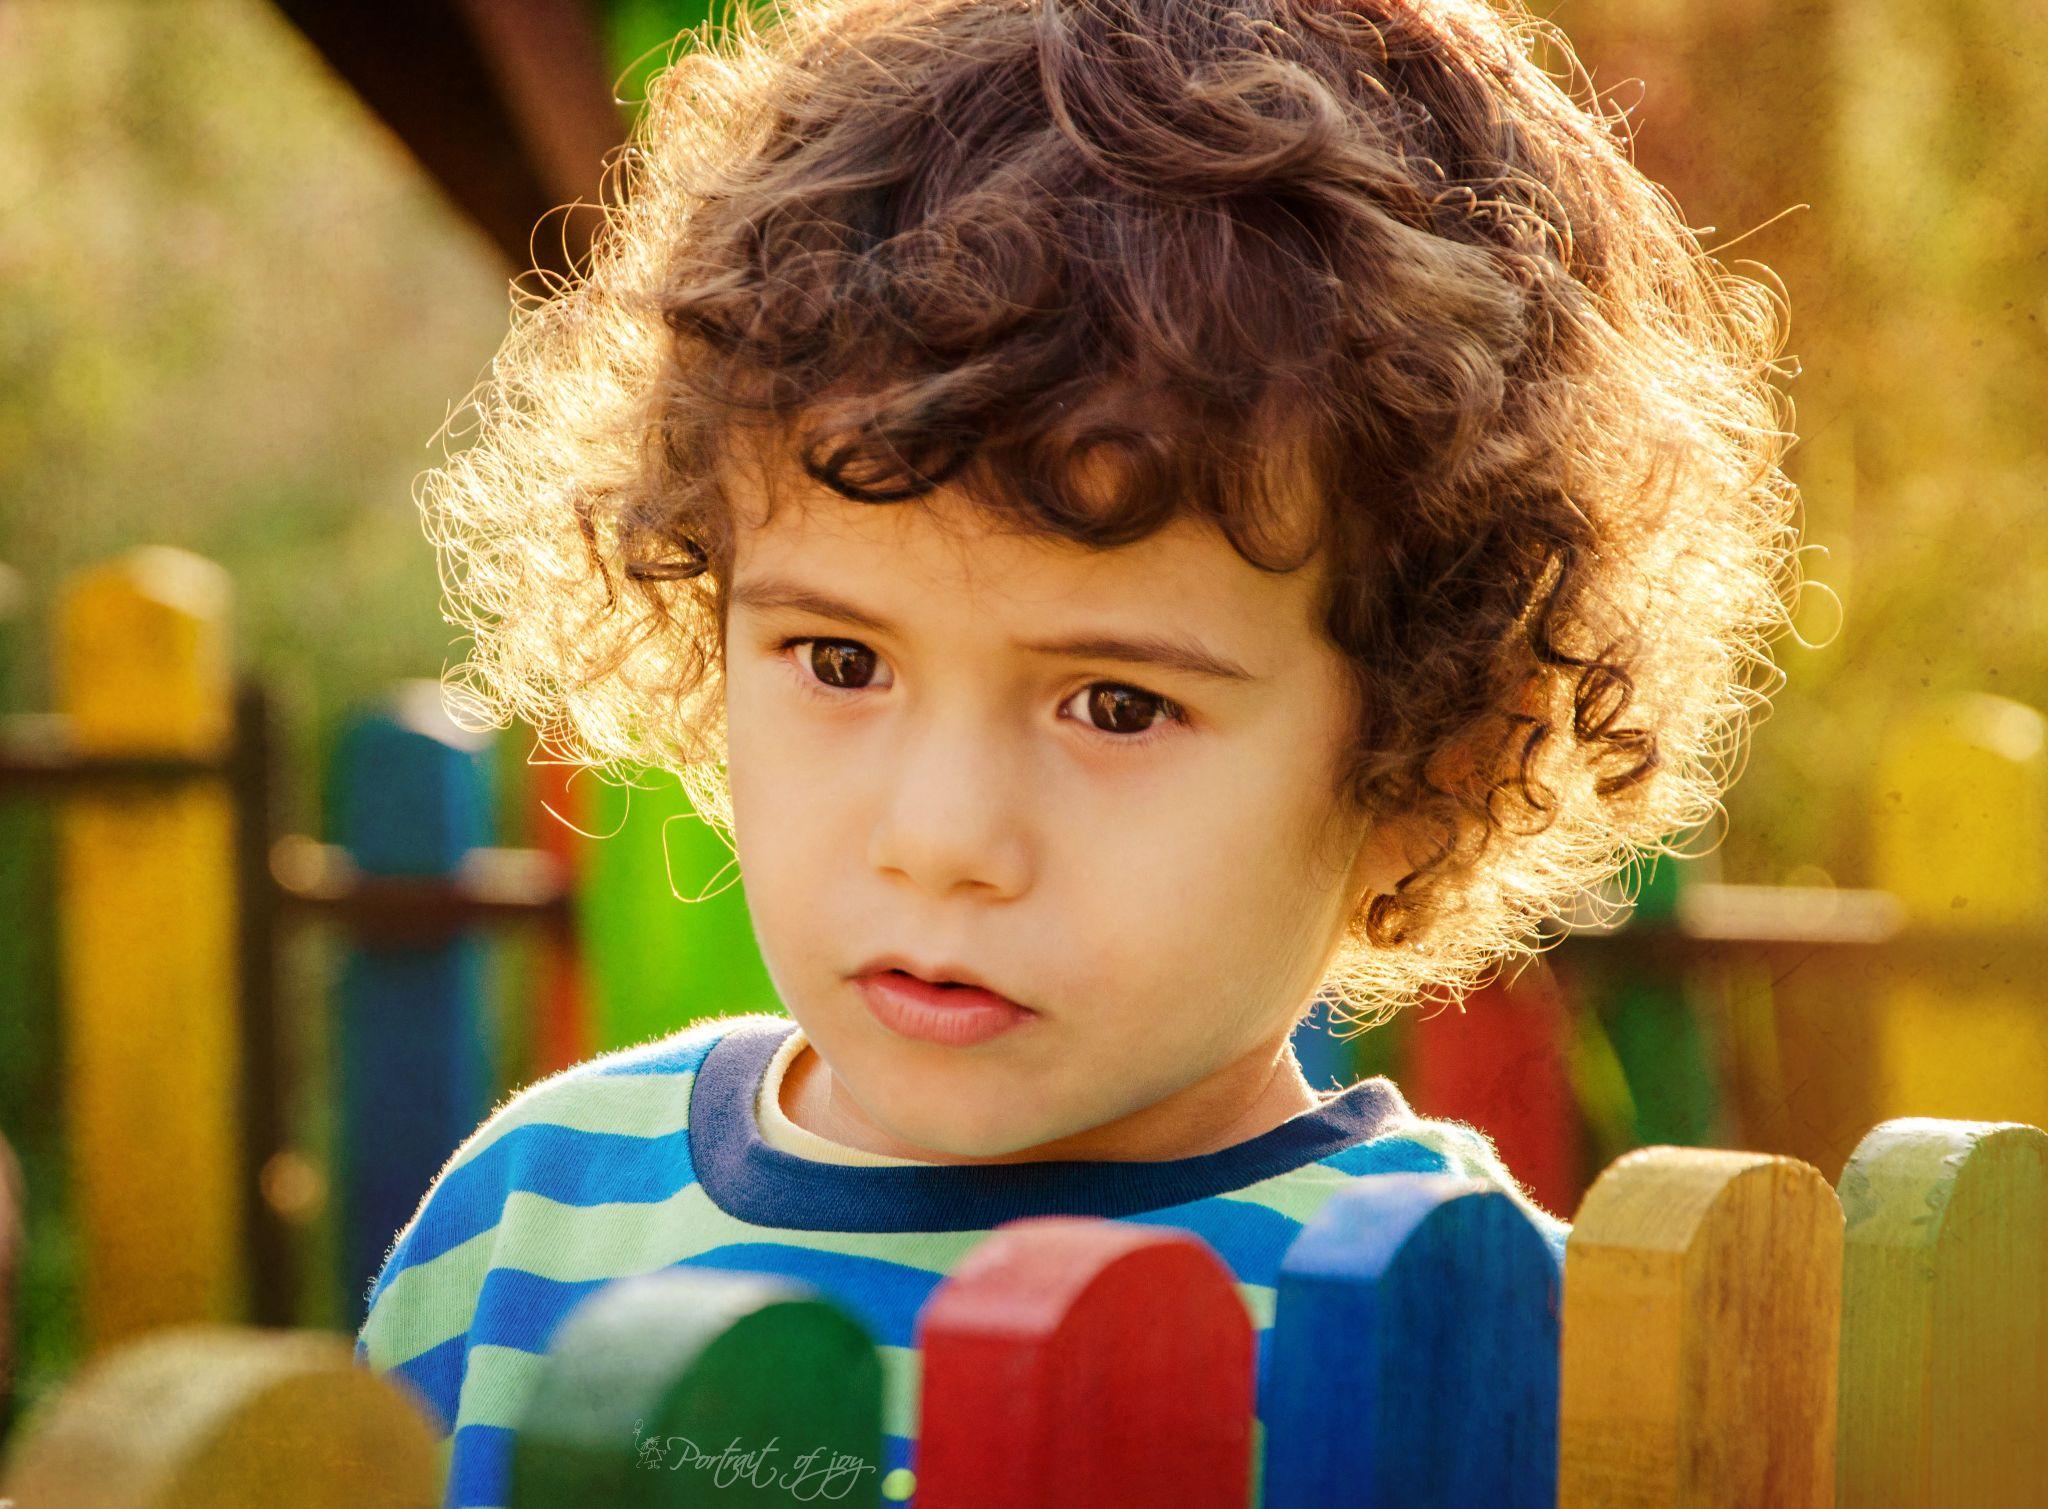 Golden boy by Portrait of Joy